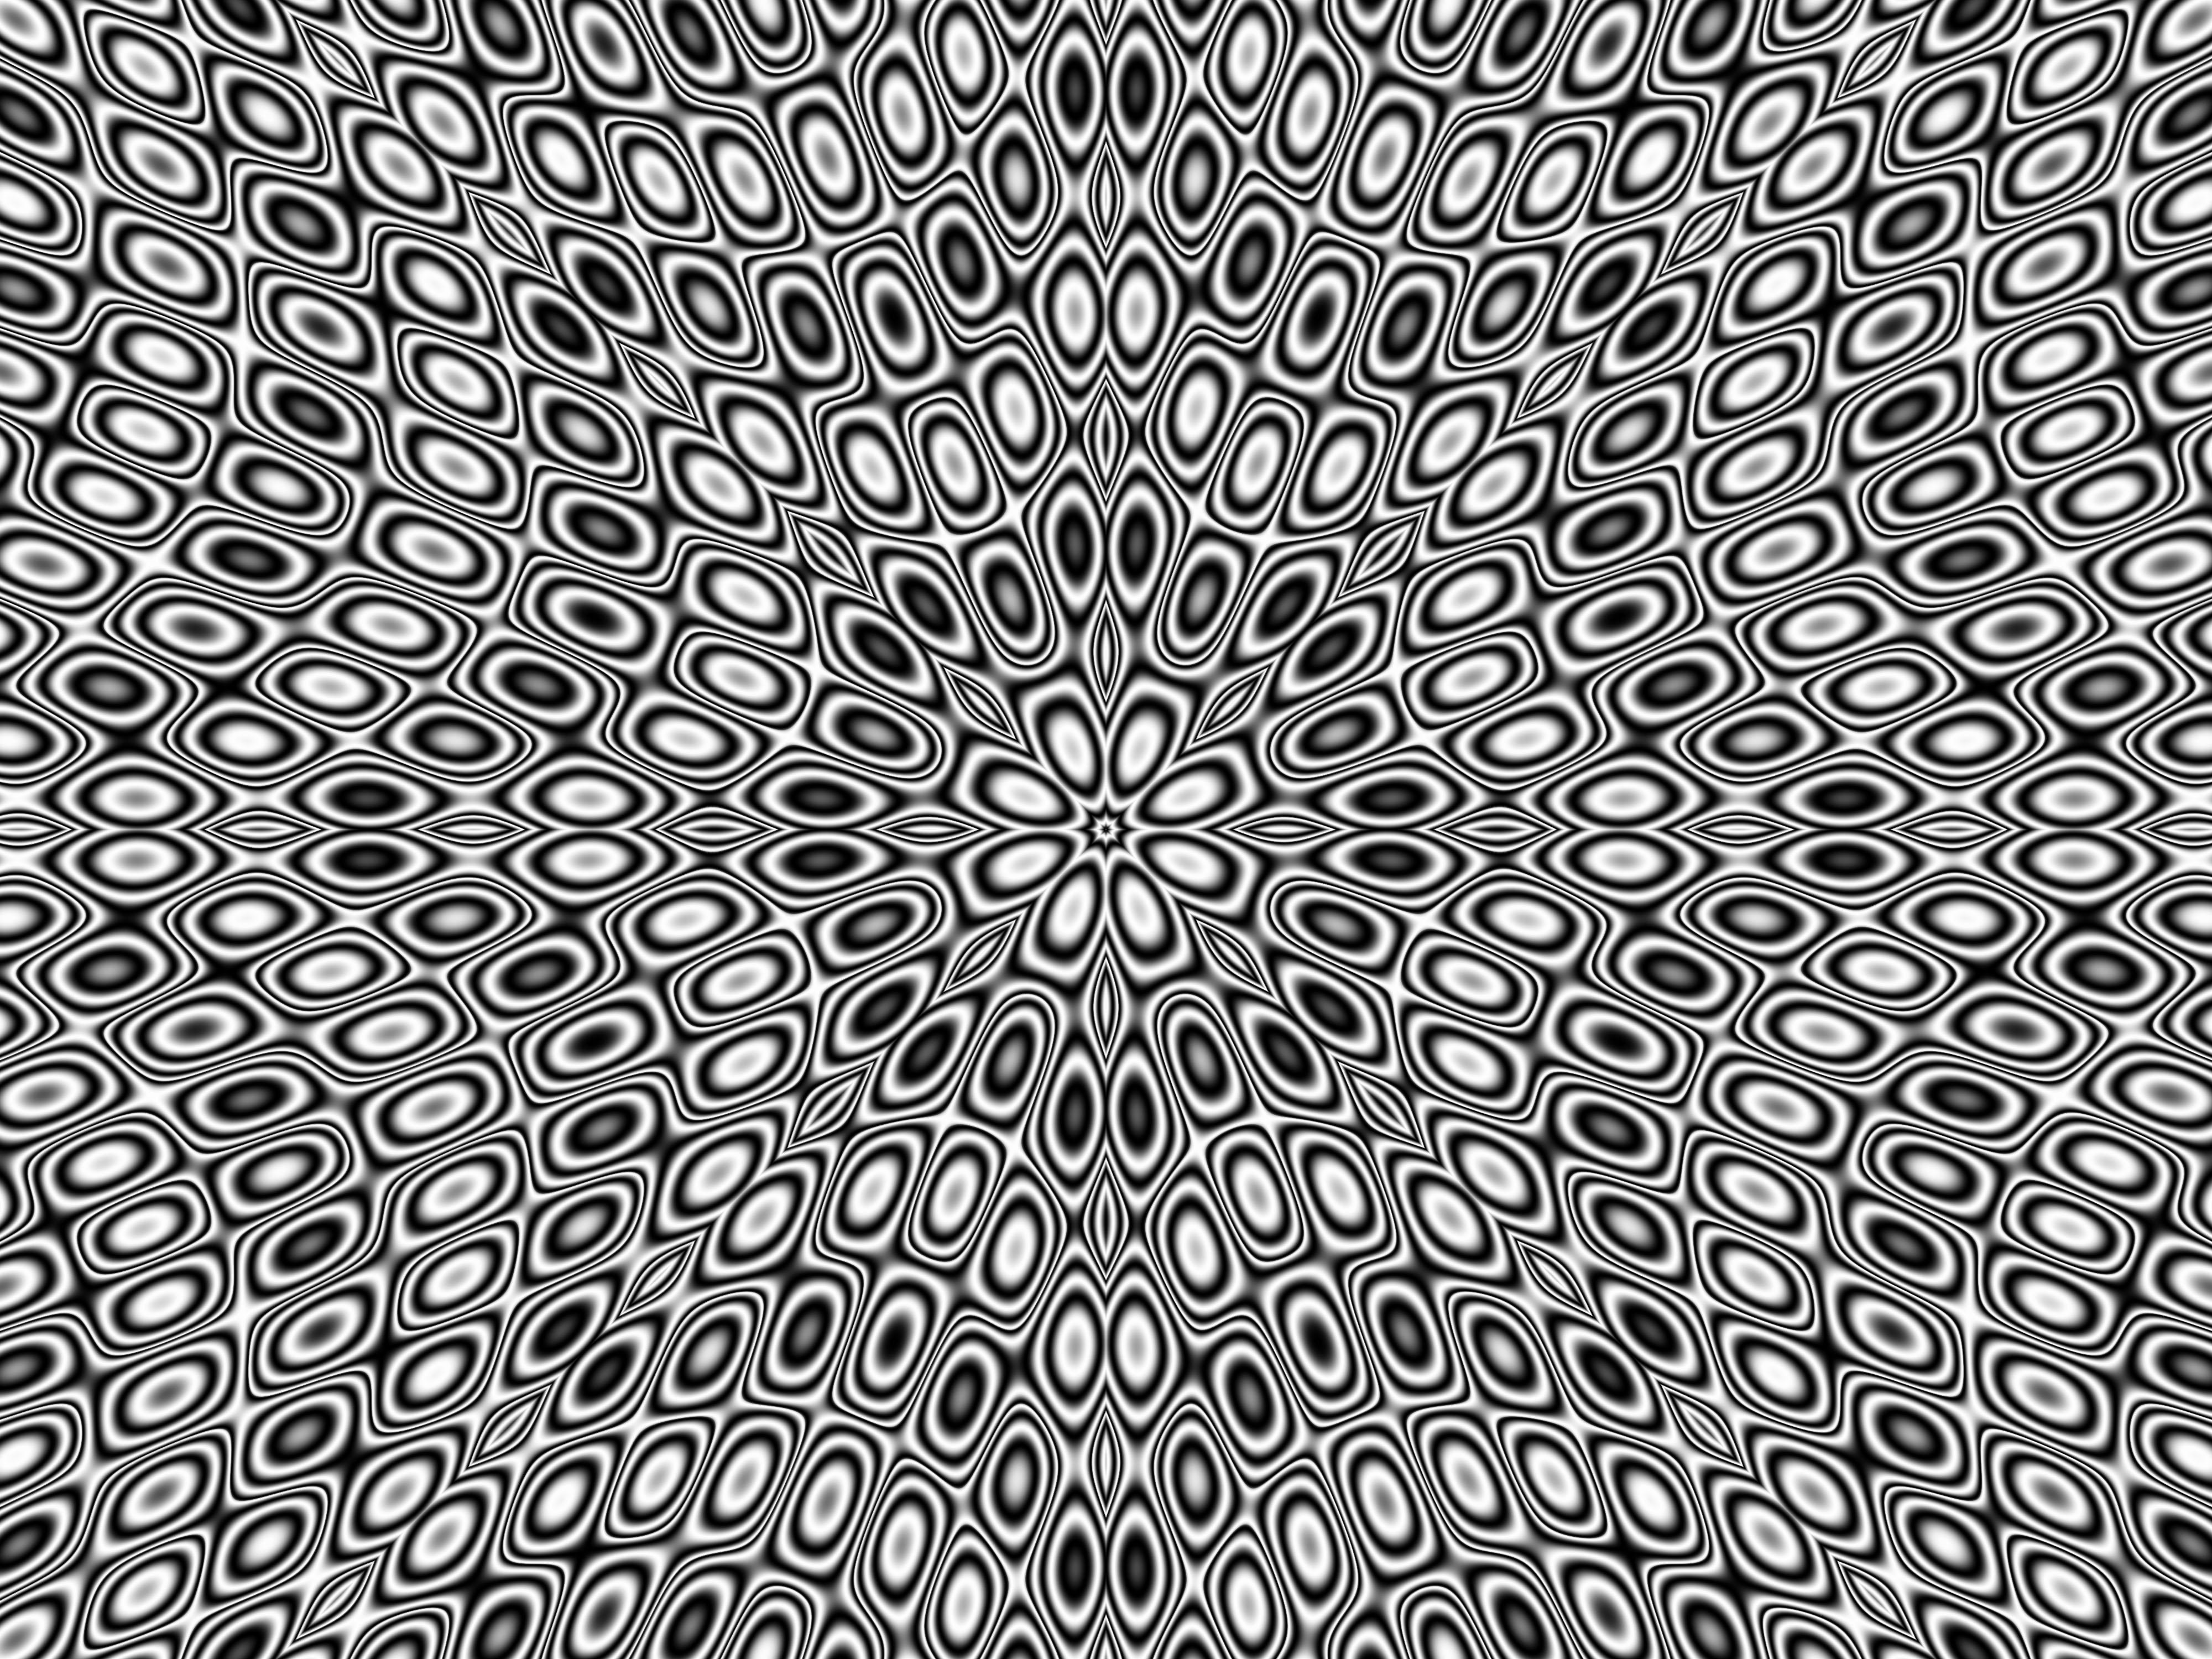 Abstract Background 4k Ultra Papel De Parede Hd Plano De Fundo